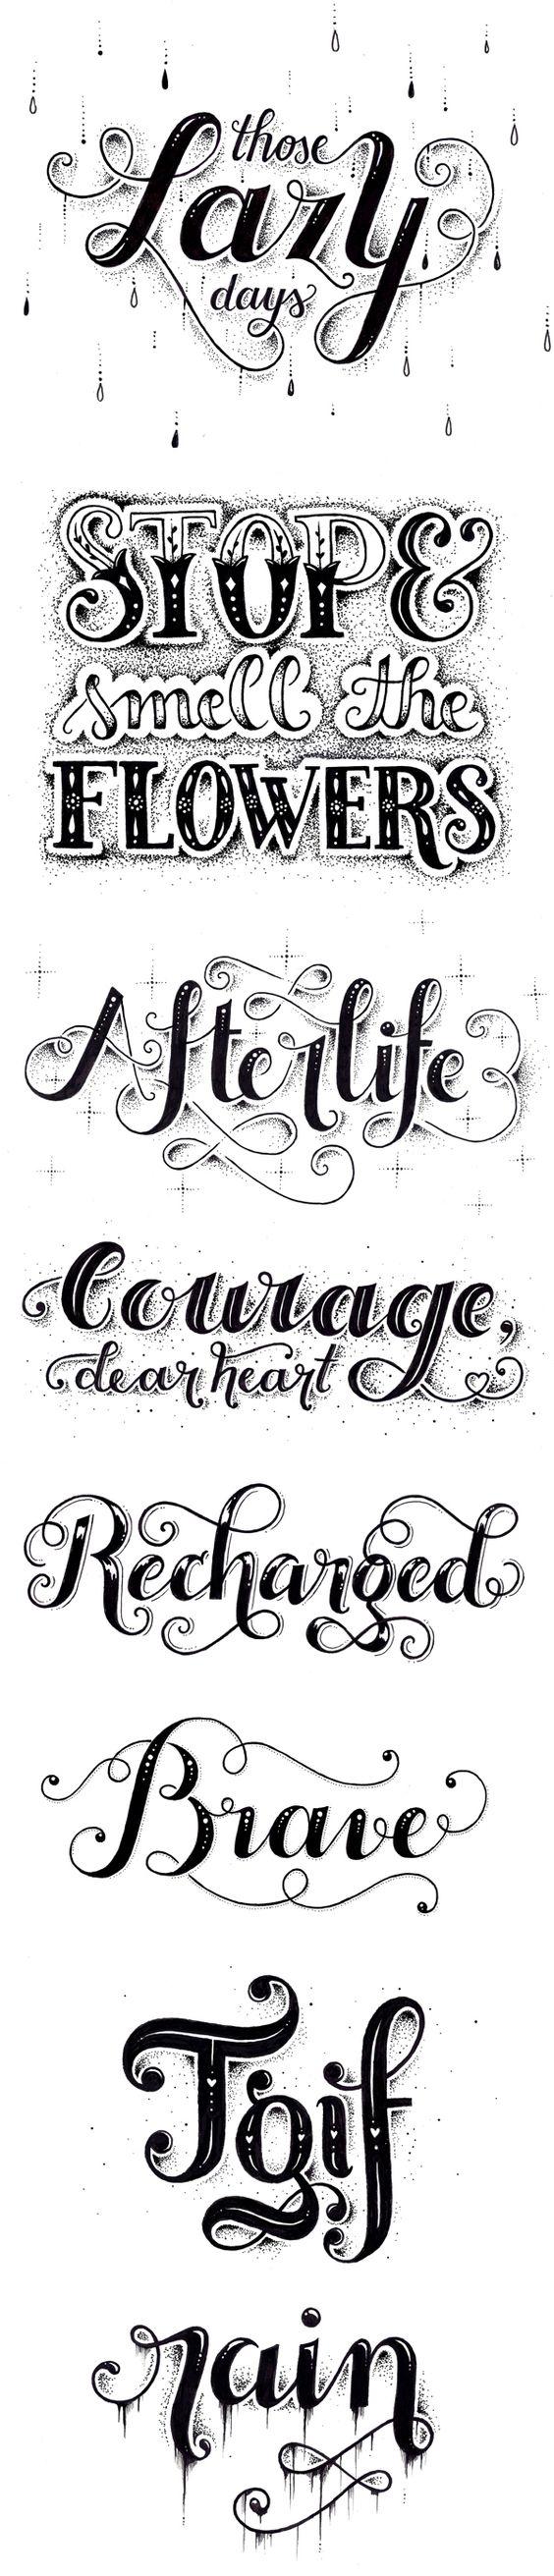 Nina Stajner | https://www.behance.net/gallery/16648327/-My-letterings-